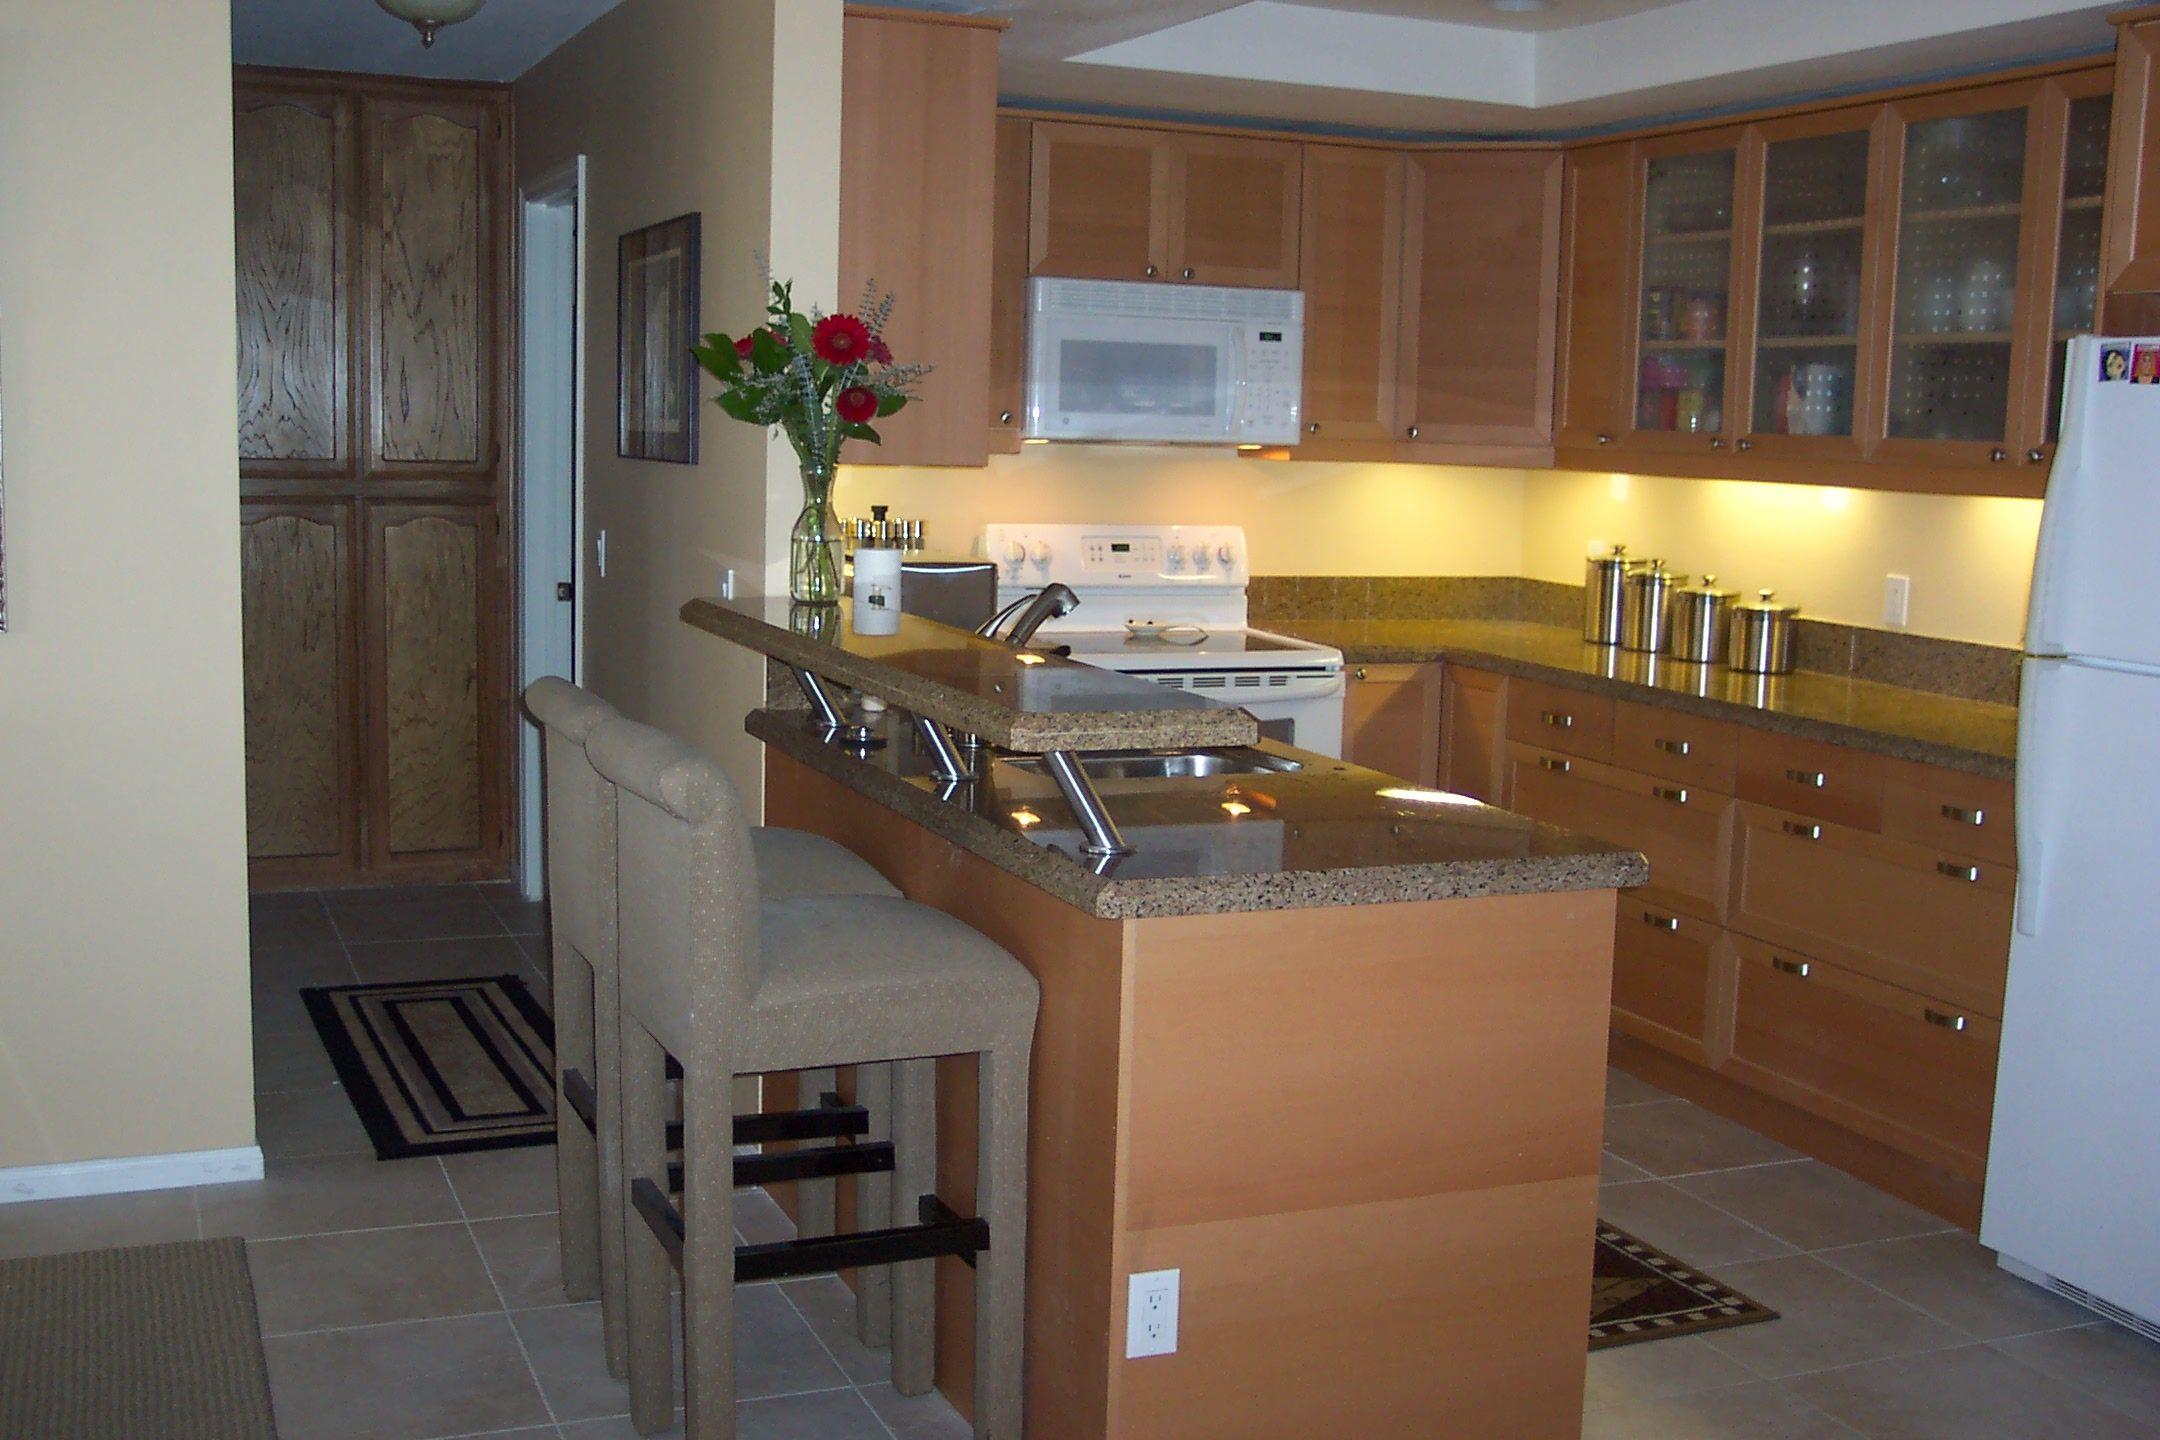 Freestanding Breakfast Bars For Kitchens   Kitchen Bars 300x200 Kitchen  Design Idea : Making A Breakfast Bar